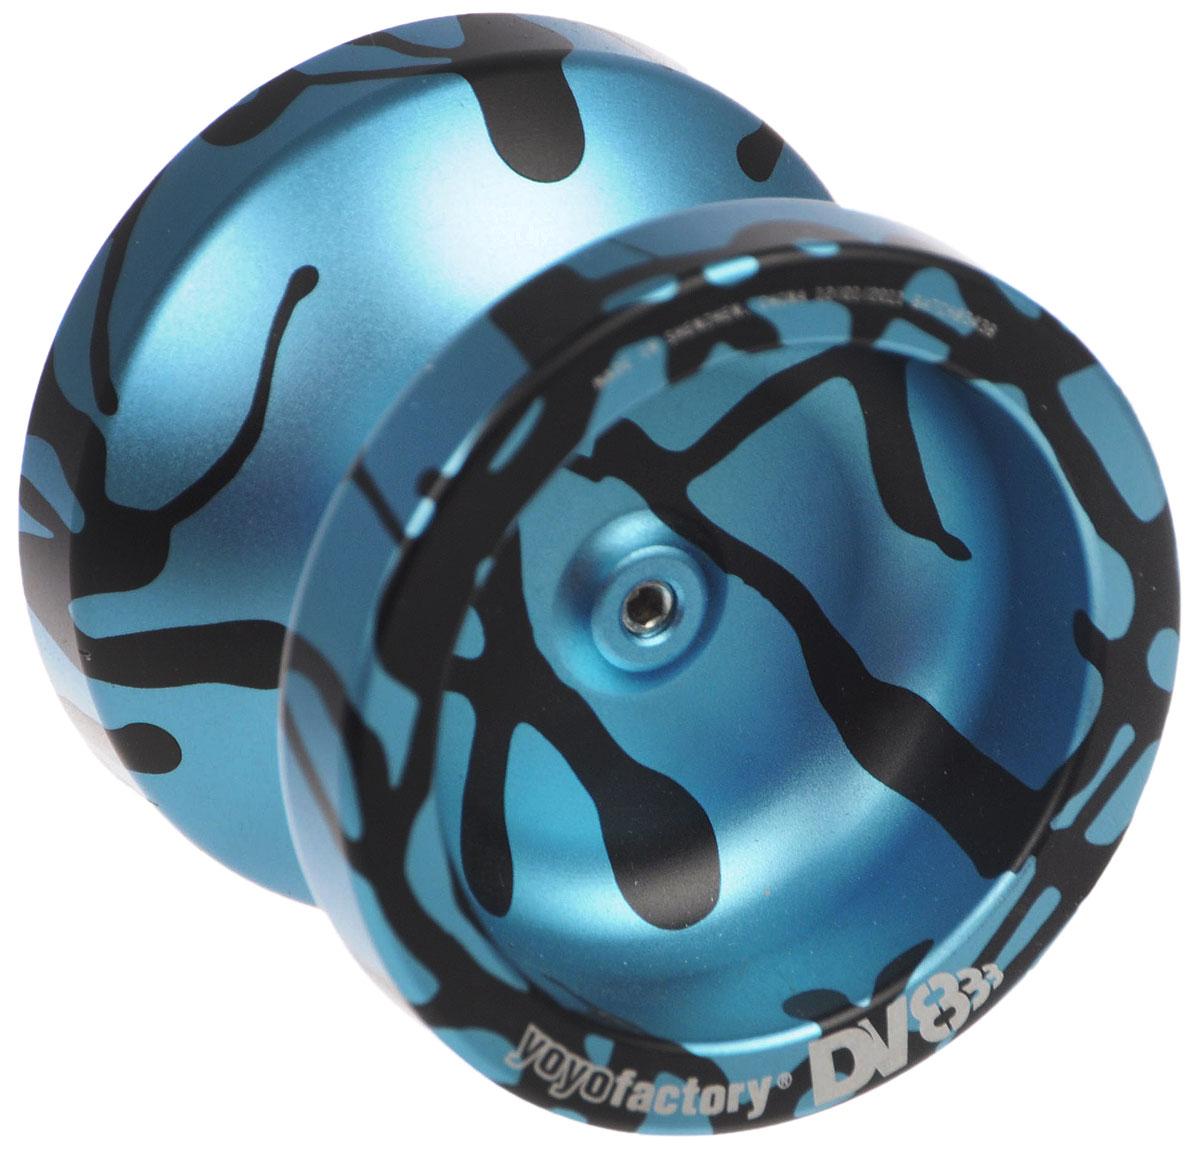 Aero-Yo Йо-йо YoYoFactory DV888 цвет черный голубойYYFDV888_черный, голубойЙо-йо YoYoFactory DV888 ассоциировалось с мастером Марком Монтгомери, выступающим на мировых и национальных соревнованиях. Долгие годы его любимцем было именно DV8. Спустя многие годы после выхода в свет DV8 компания YoYoFactory выпускает йо-йо вобравшее в себя то, чем так запомнилось многим то самое легендарное творение. Объединив в названии DV8 и самое продаваемое йо-йо 2007 года - 888. Йо-йо - это игрушка, состоящая из двух симметричных половинок соединенных осью, к которой прикреплена веревка. Современный йо-йо значительно отличается от тех, к которым многие привыкли. Сейчас йо-йо - это такая же часть молодежной культуры как скейт, ВМХ или сноуборд. Йо-йо популярно во многих странах мира, таких как Россия, США и Япония. Ежегодно во всем мире проходят различные чемпионаты по игре с йо-йо, в том числе и Чемпионат России, в котором собираются лучшие игроки со всей страны.